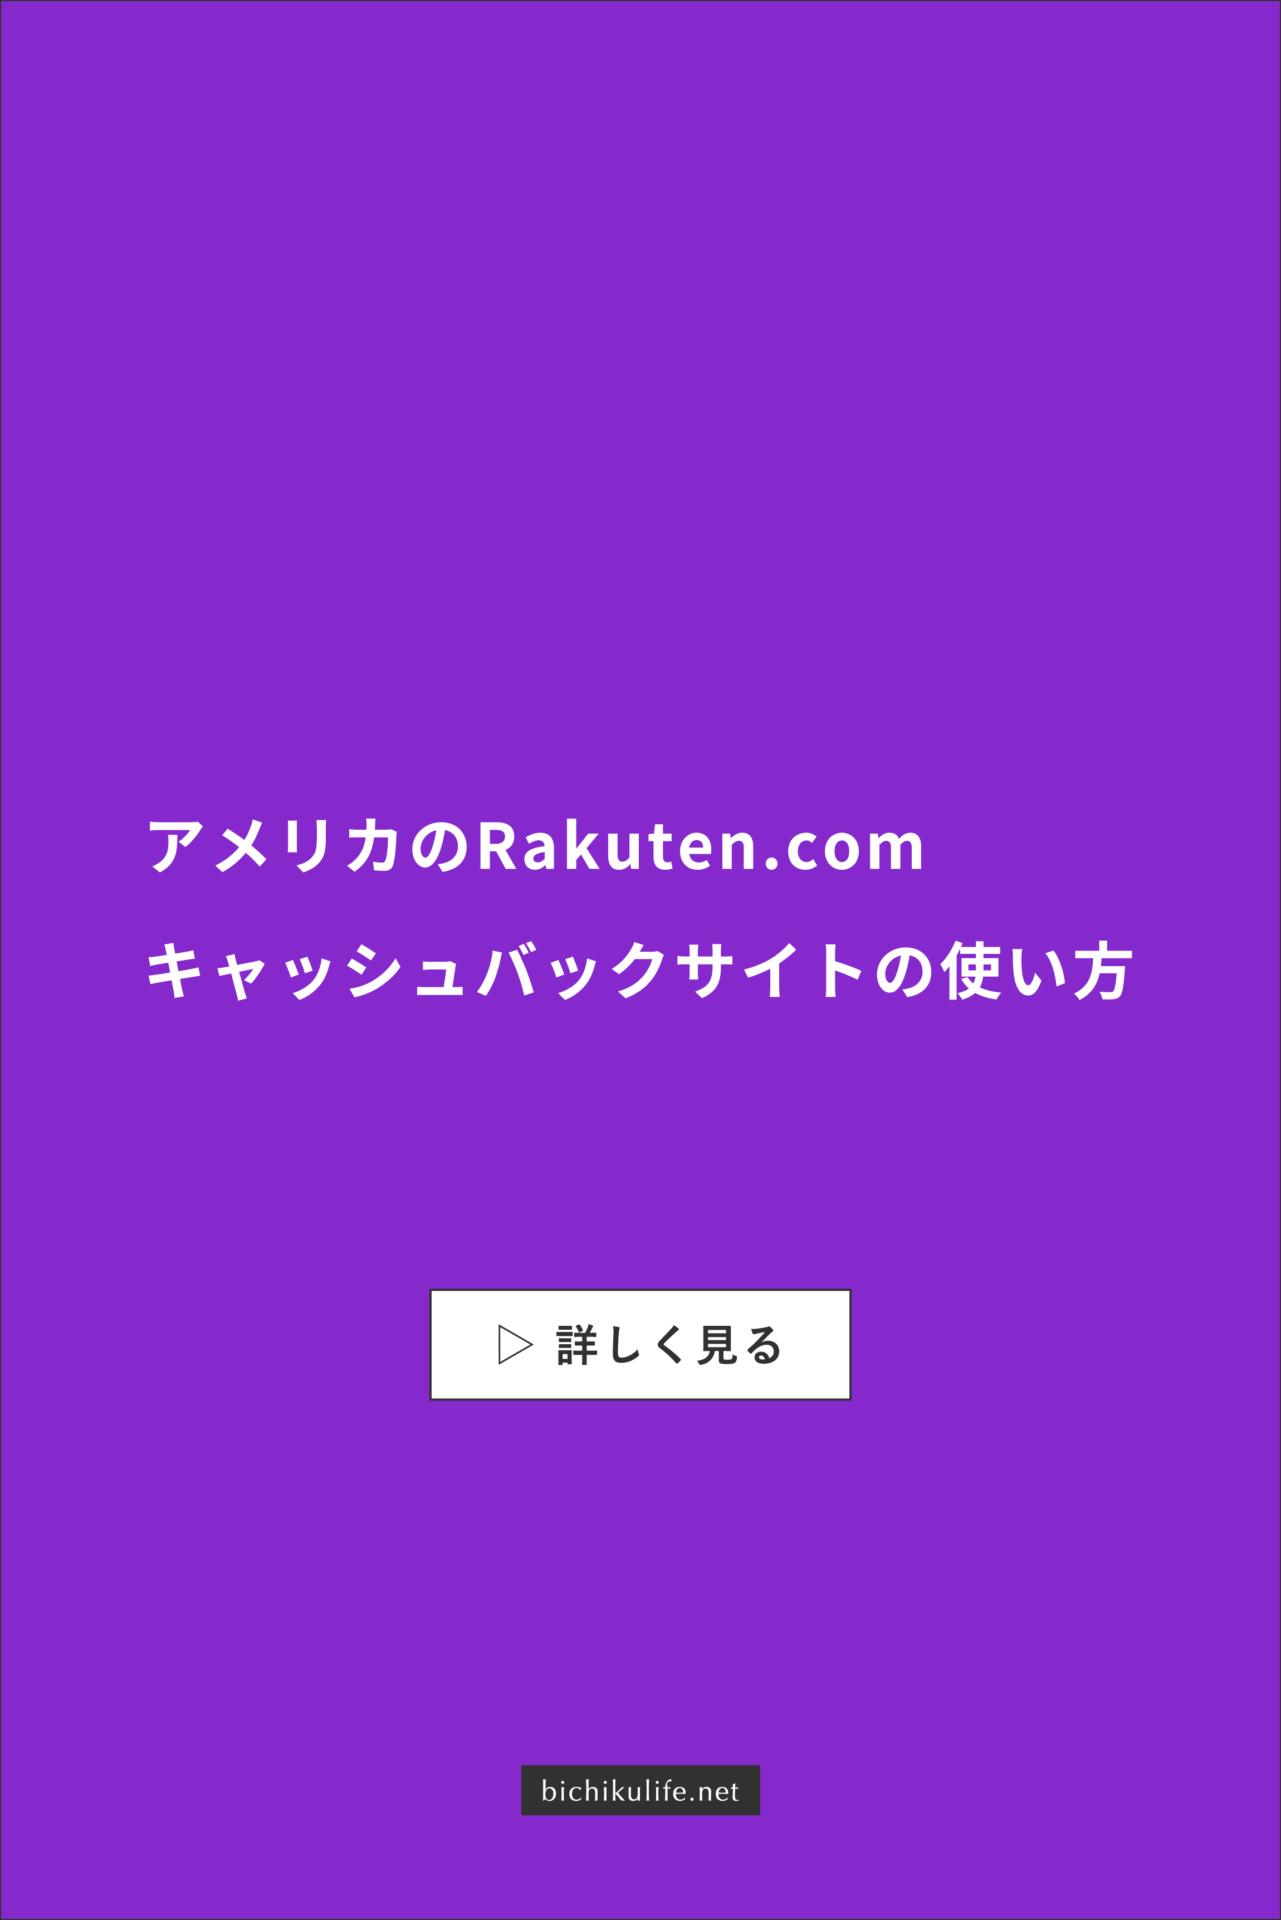 アメリカの楽天「Rakuten.com」キャッシュバックサイトの使い方